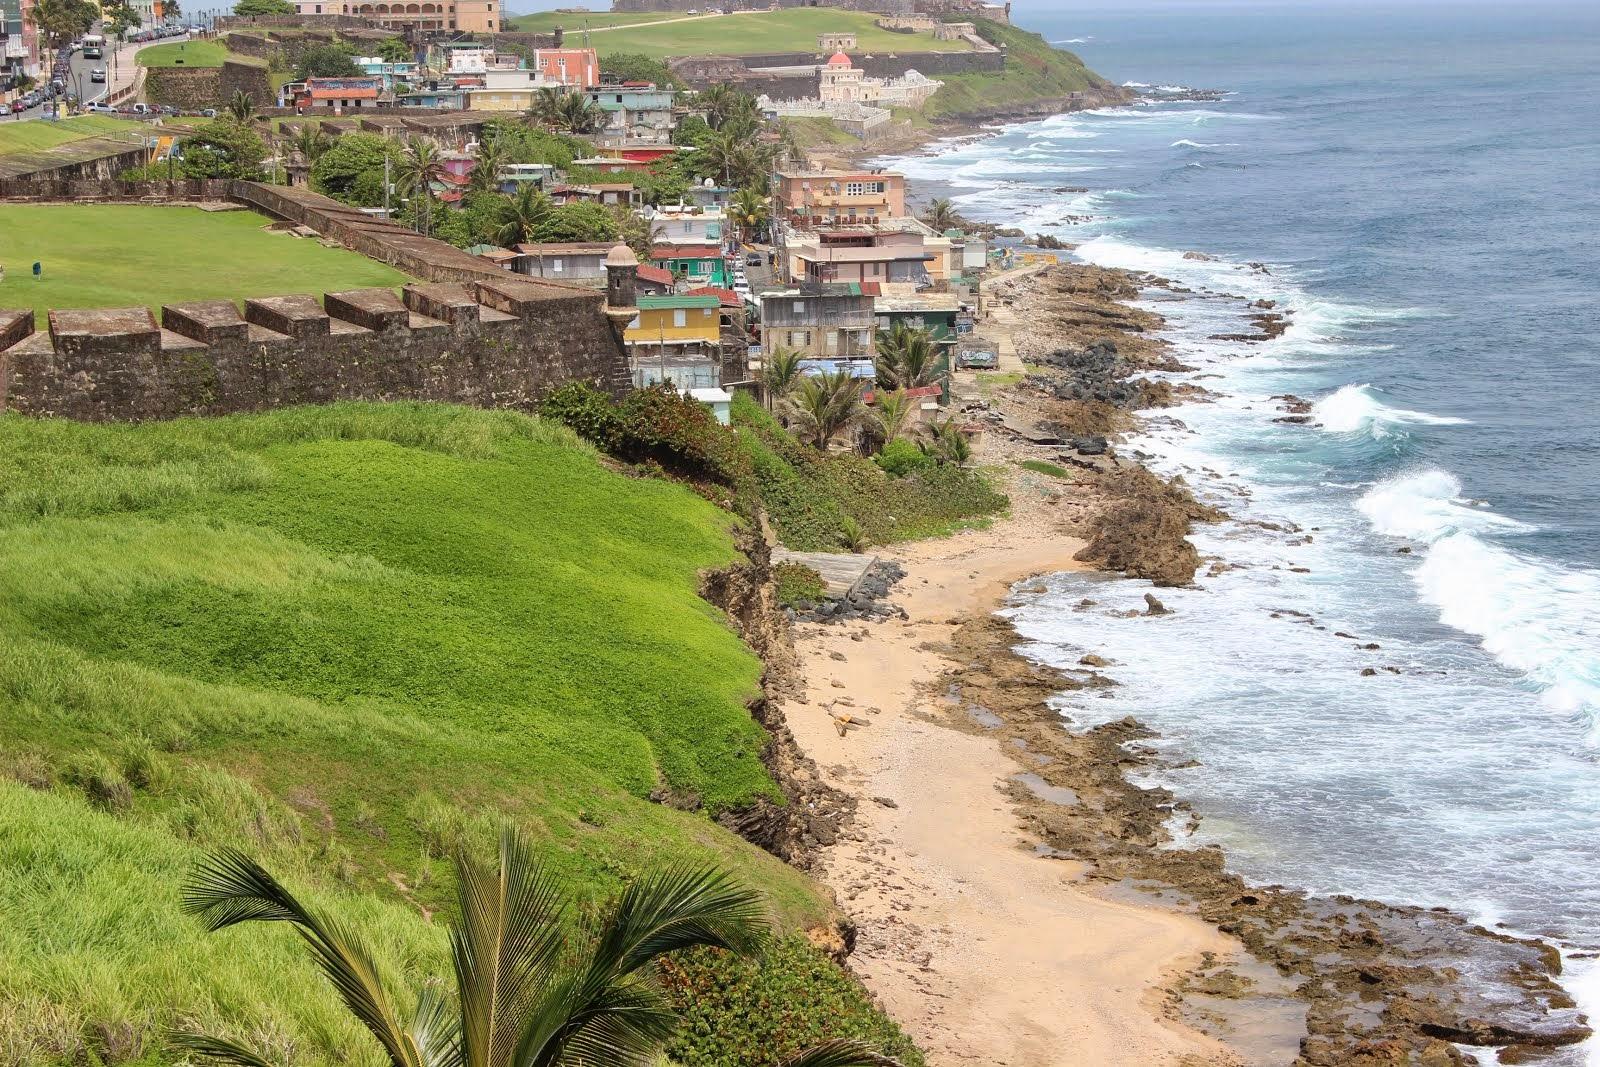 In Puerto  Rico